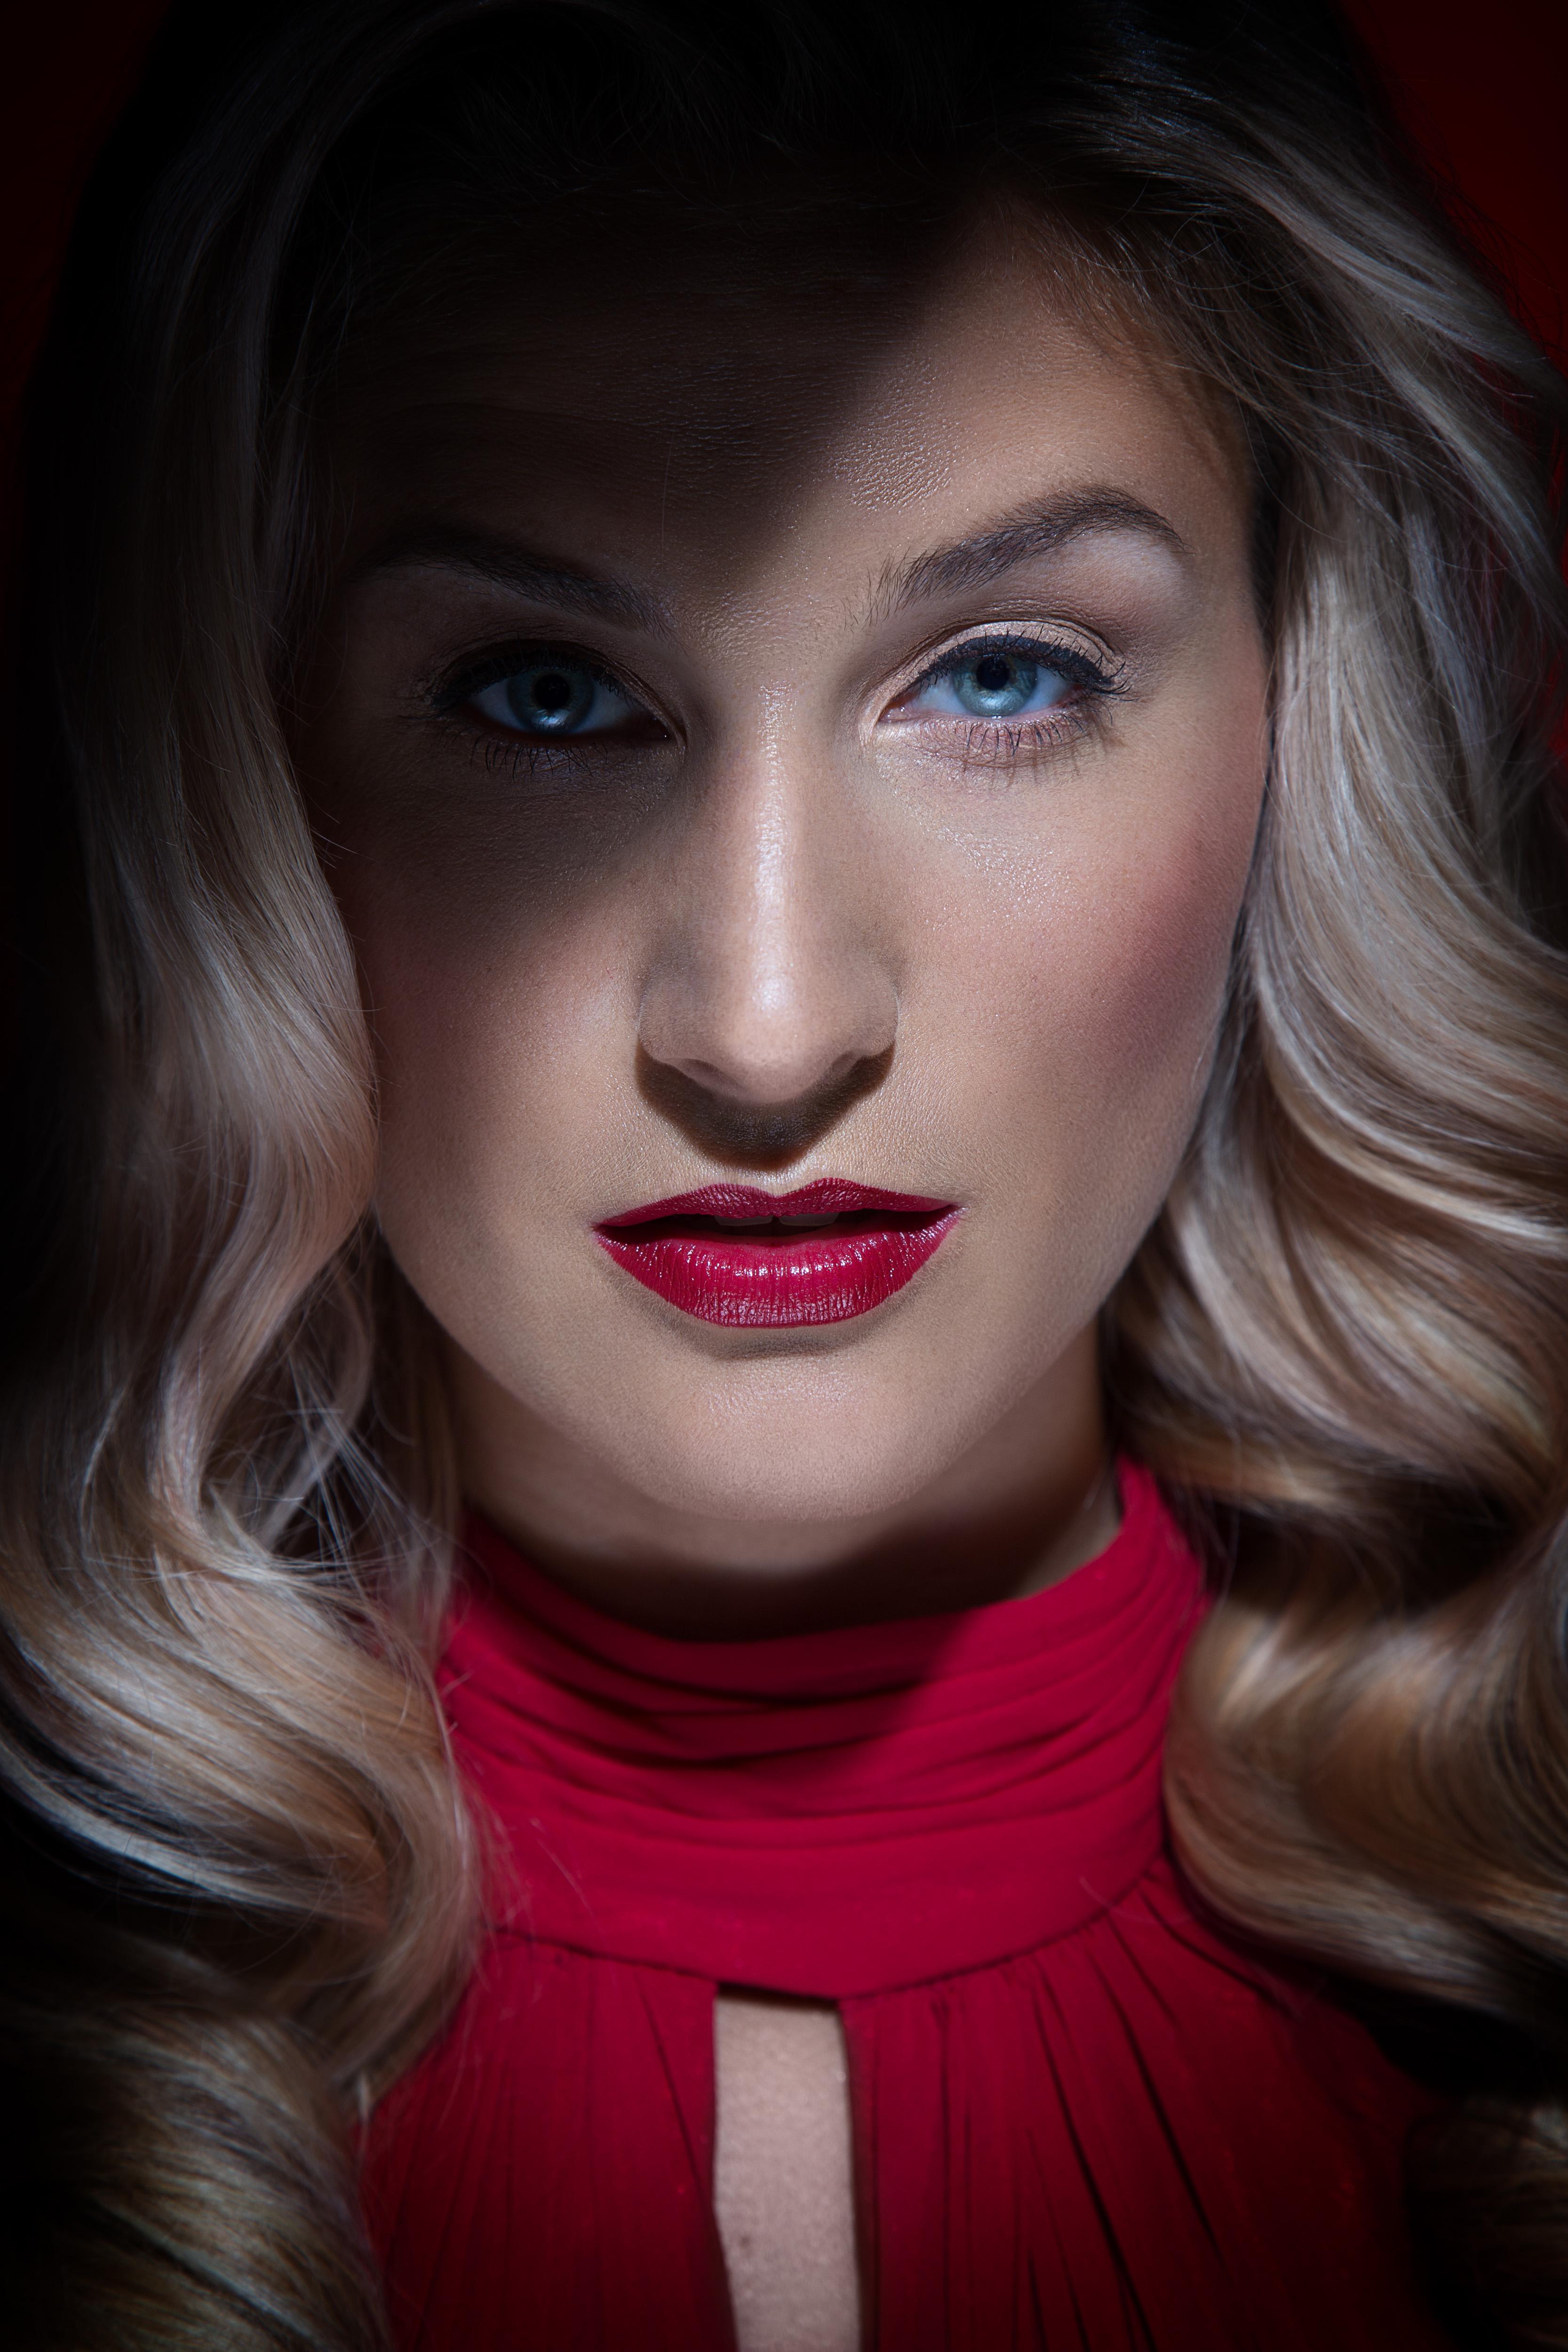 Make-Up Artist Bülent Musdu Phtography ©alanbylandphoto